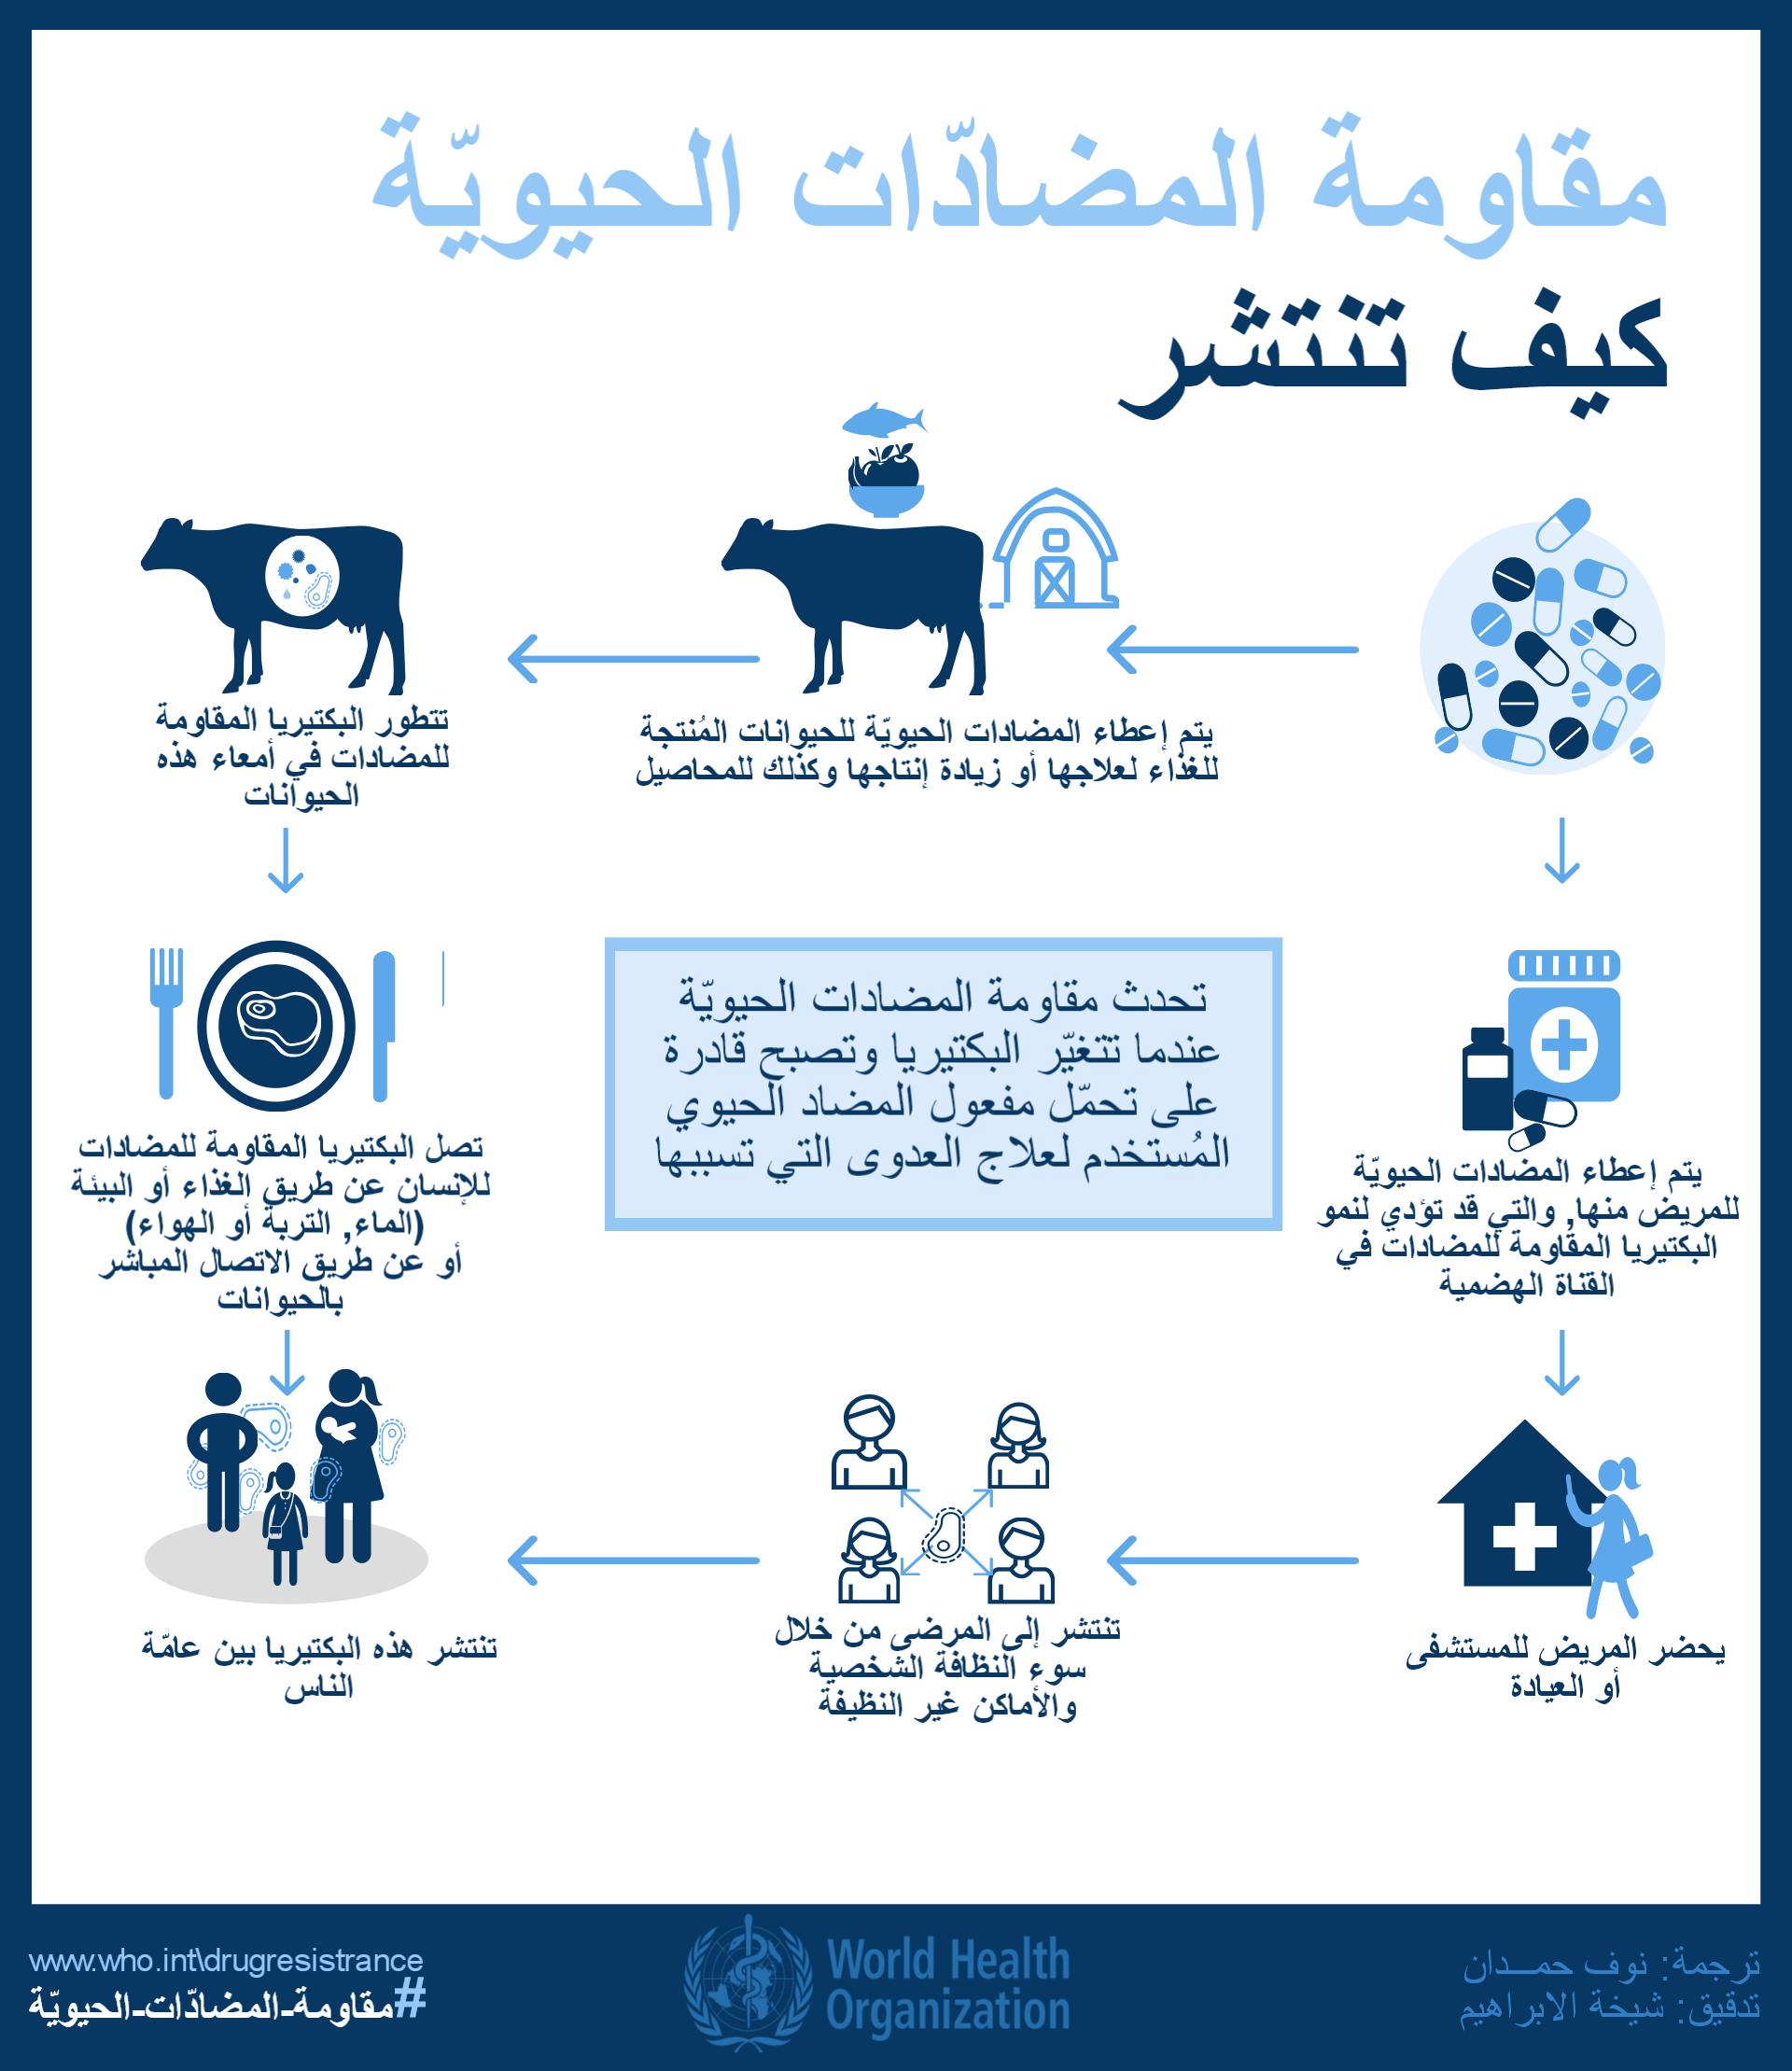 مقاومة المضادات الحيوية، كيف تنتشر؟